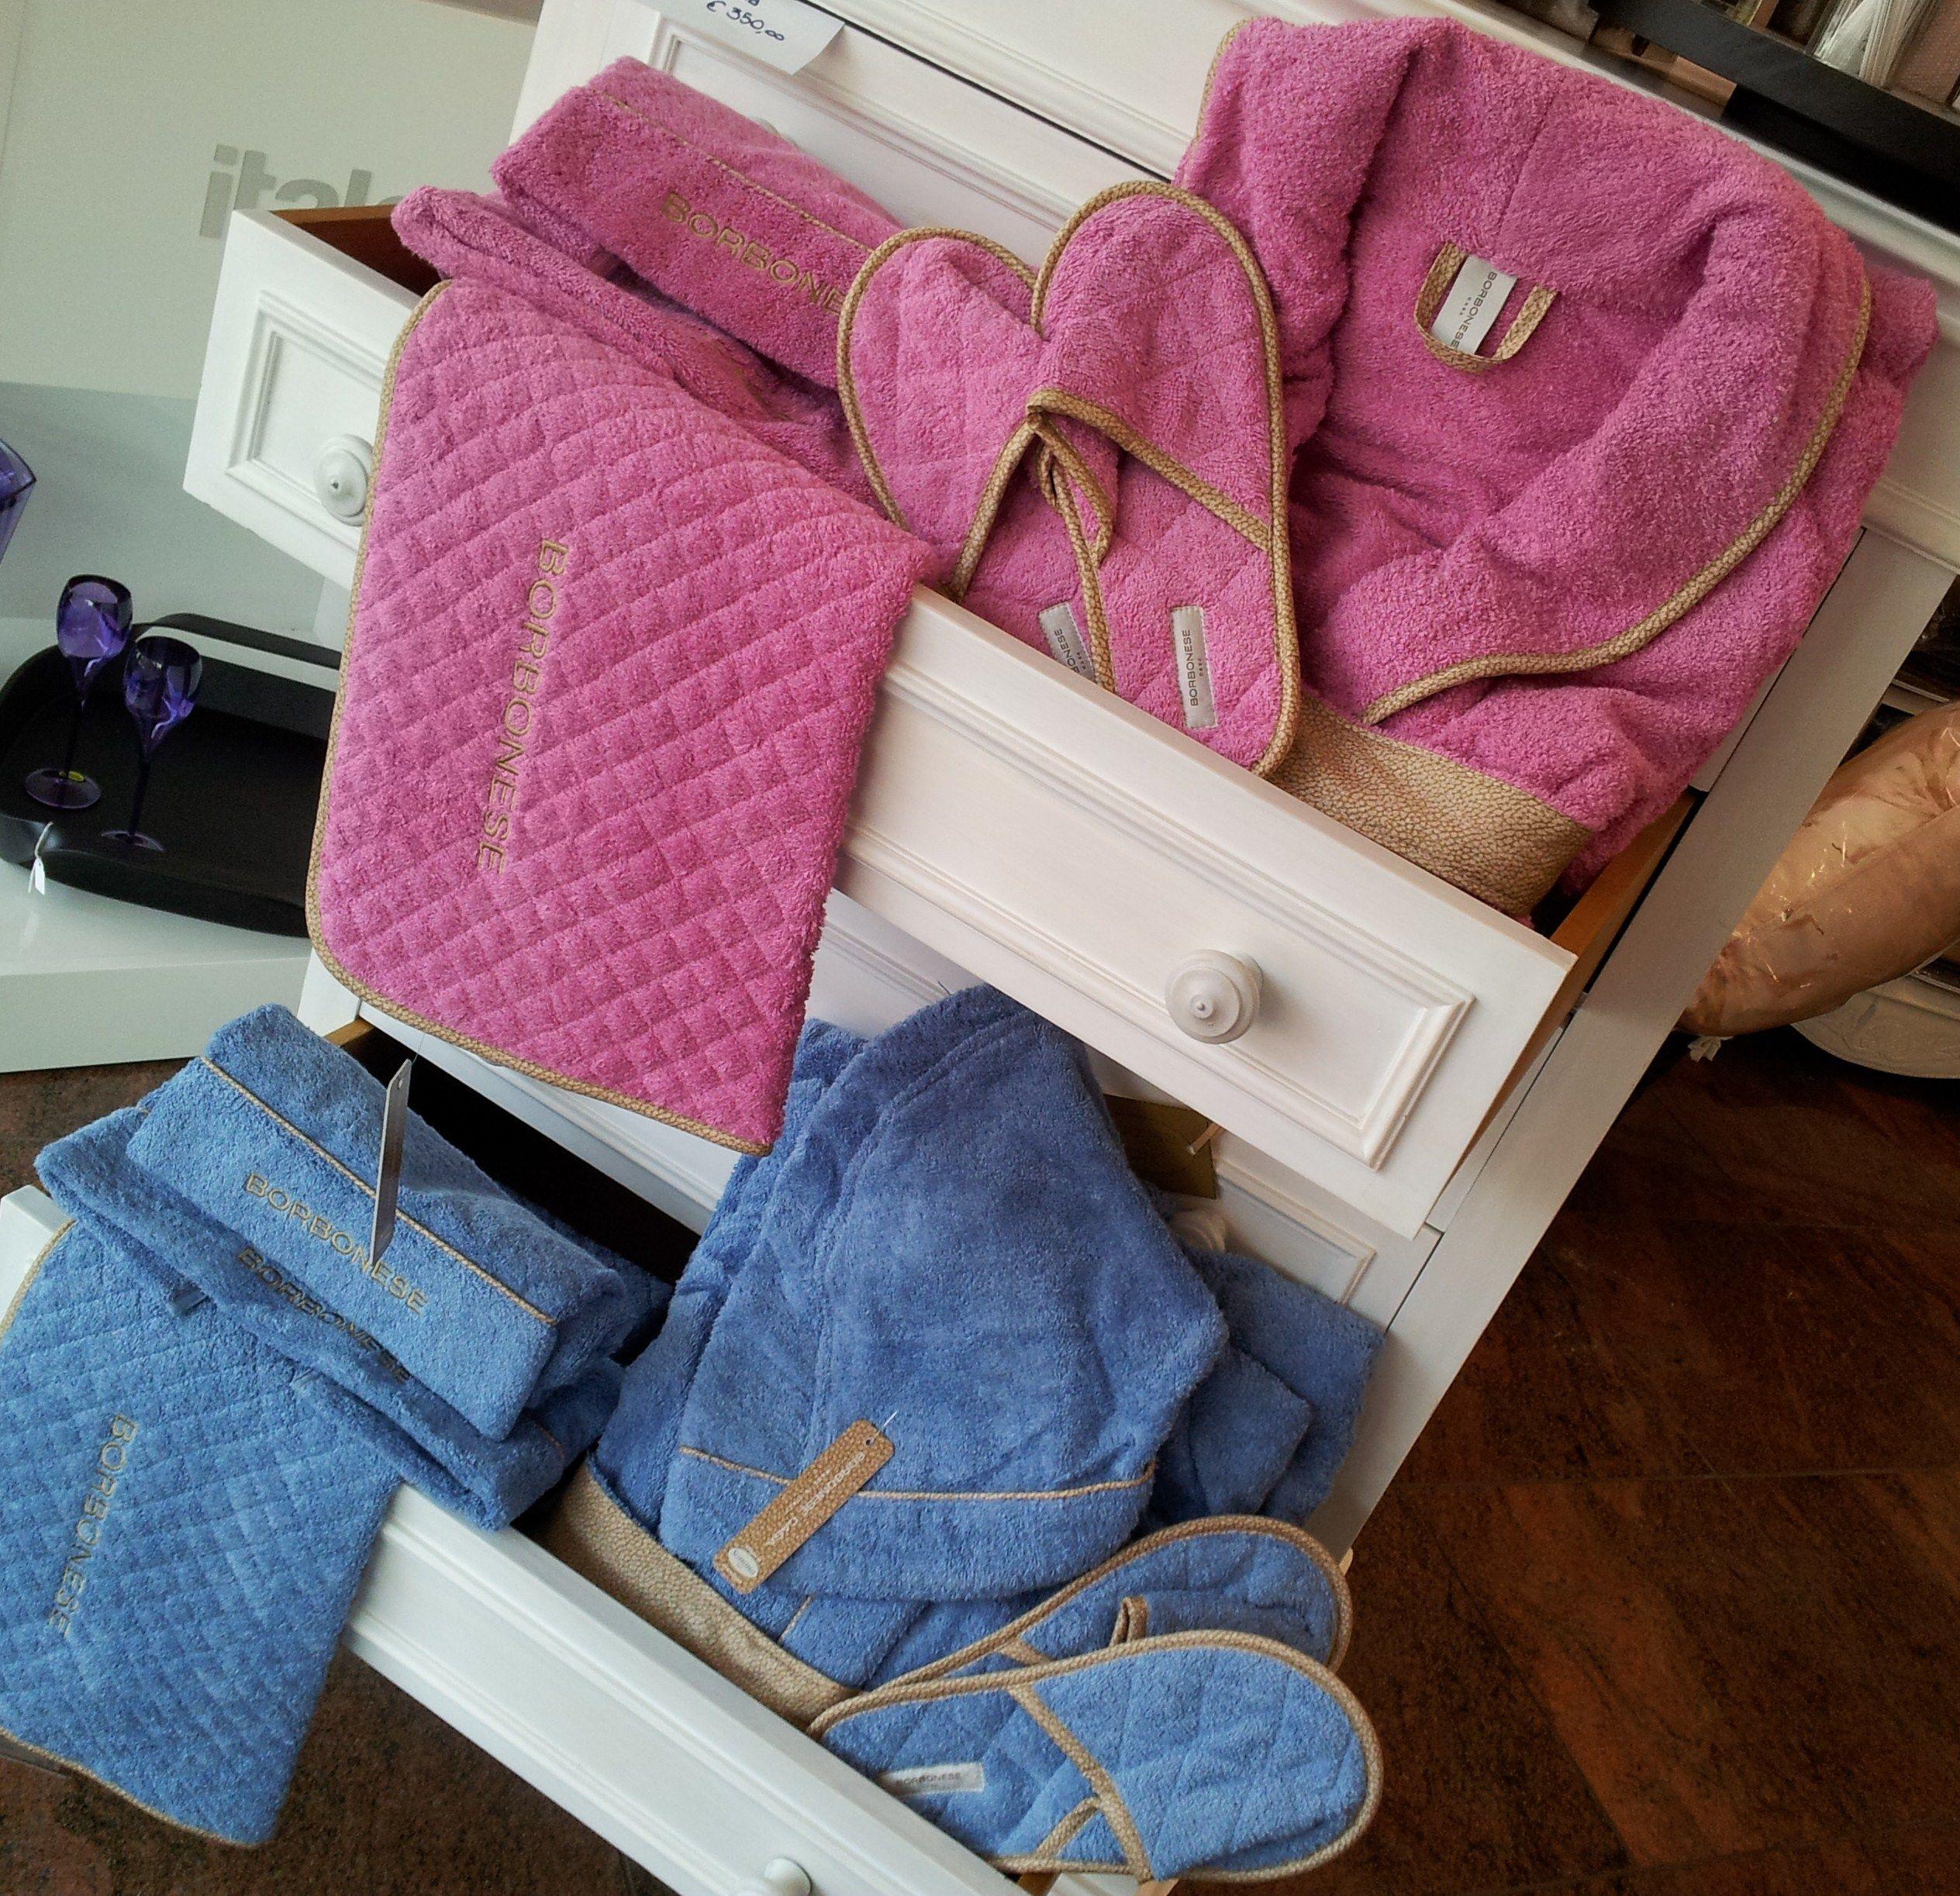 Accappatoio, asciugamani, tappeto bagno e ciabattine v